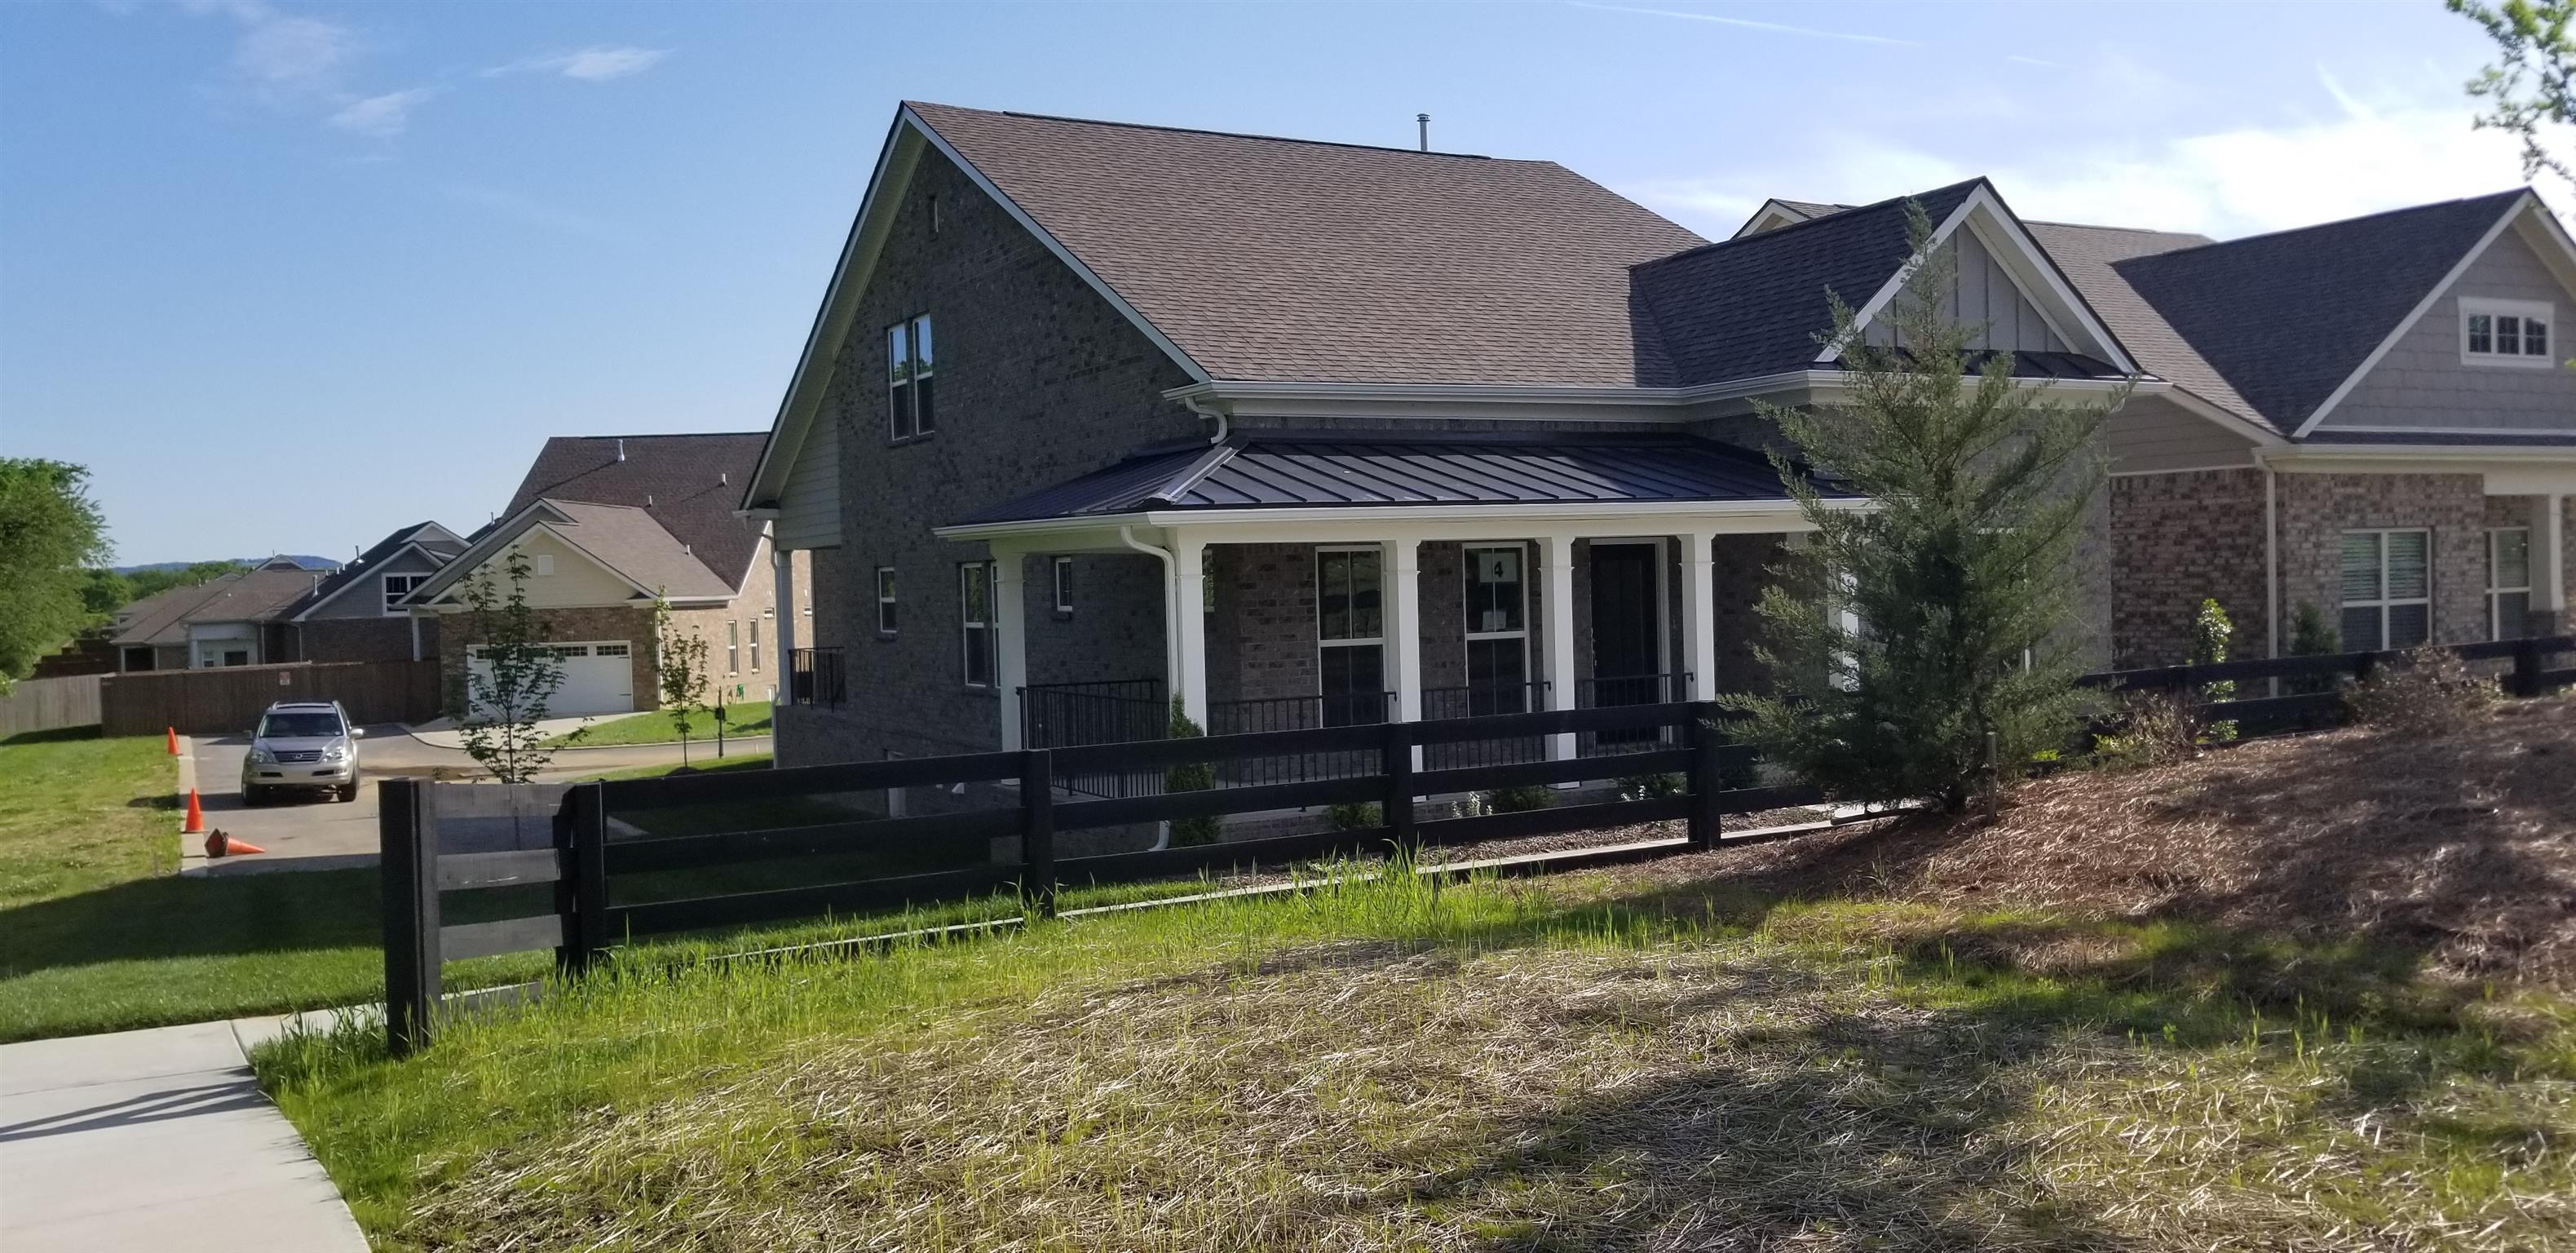 6923 Burkitt Road #4, Nolensville, TN 37135 - Nolensville, TN real estate listing